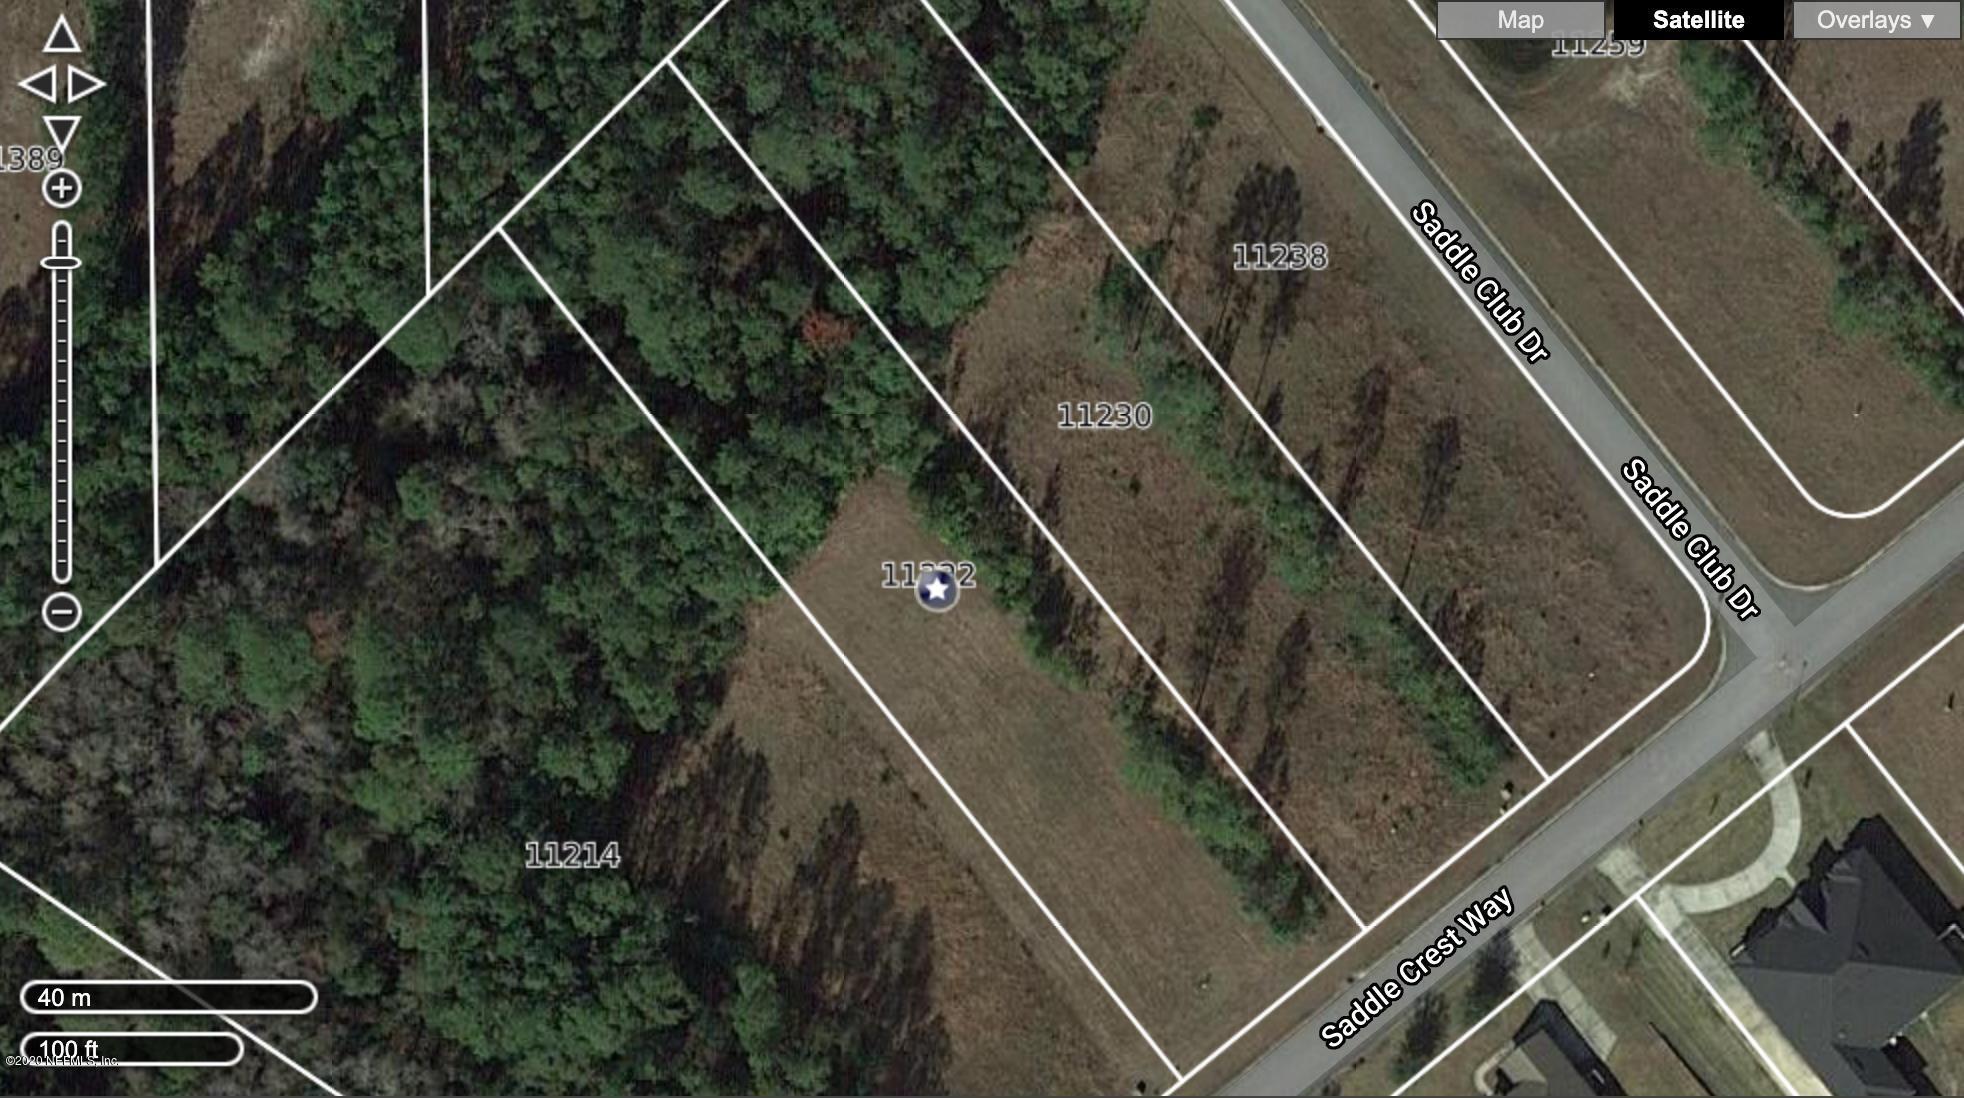 11222 SADDLE CREST, JACKSONVILLE, FLORIDA 32219, ,Vacant land,For sale,SADDLE CREST,1080382